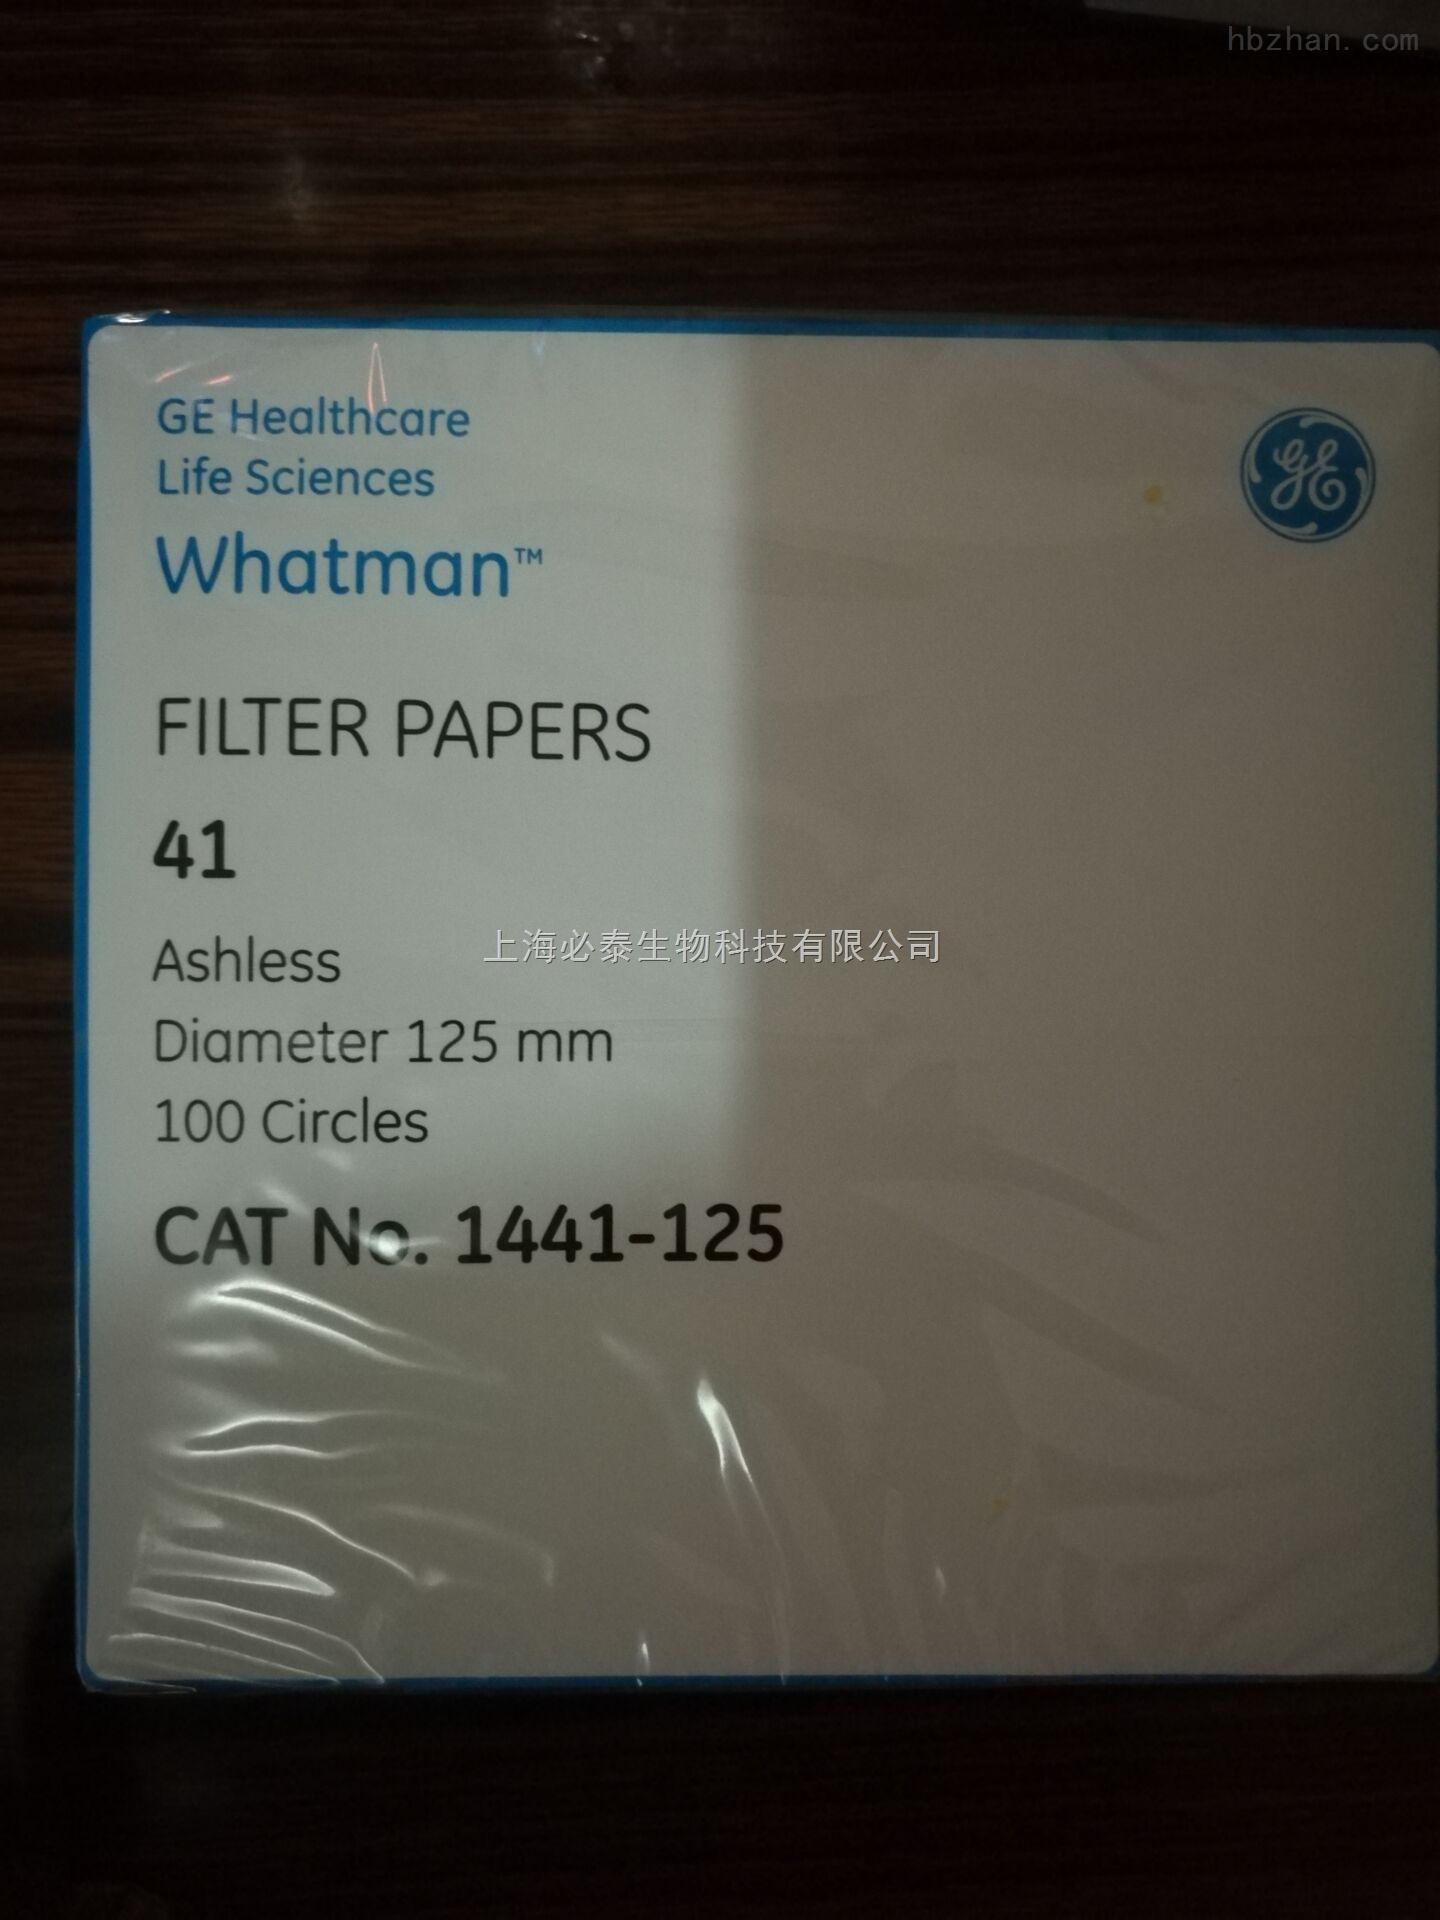 Whatman定量无灰滤纸快速定量滤纸41号滤纸 1441-125